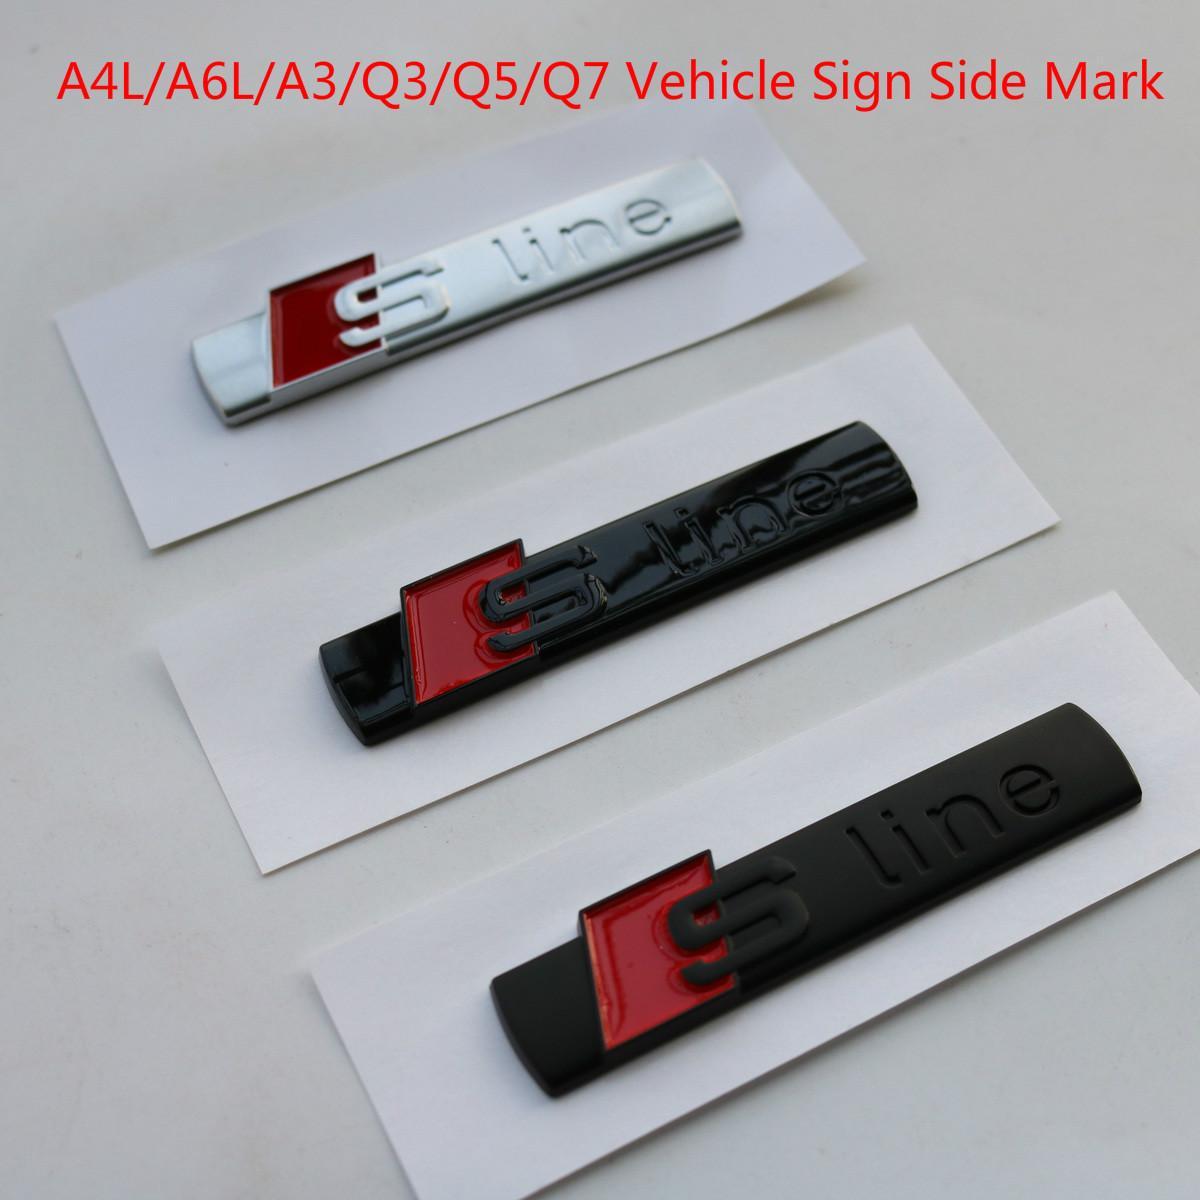 Audi A4L A6L A3 Q3 Q5 Q7 feuille Sline modifiée voiture standard carte côté autocollants standards autocollants de voiture de sport de voiture